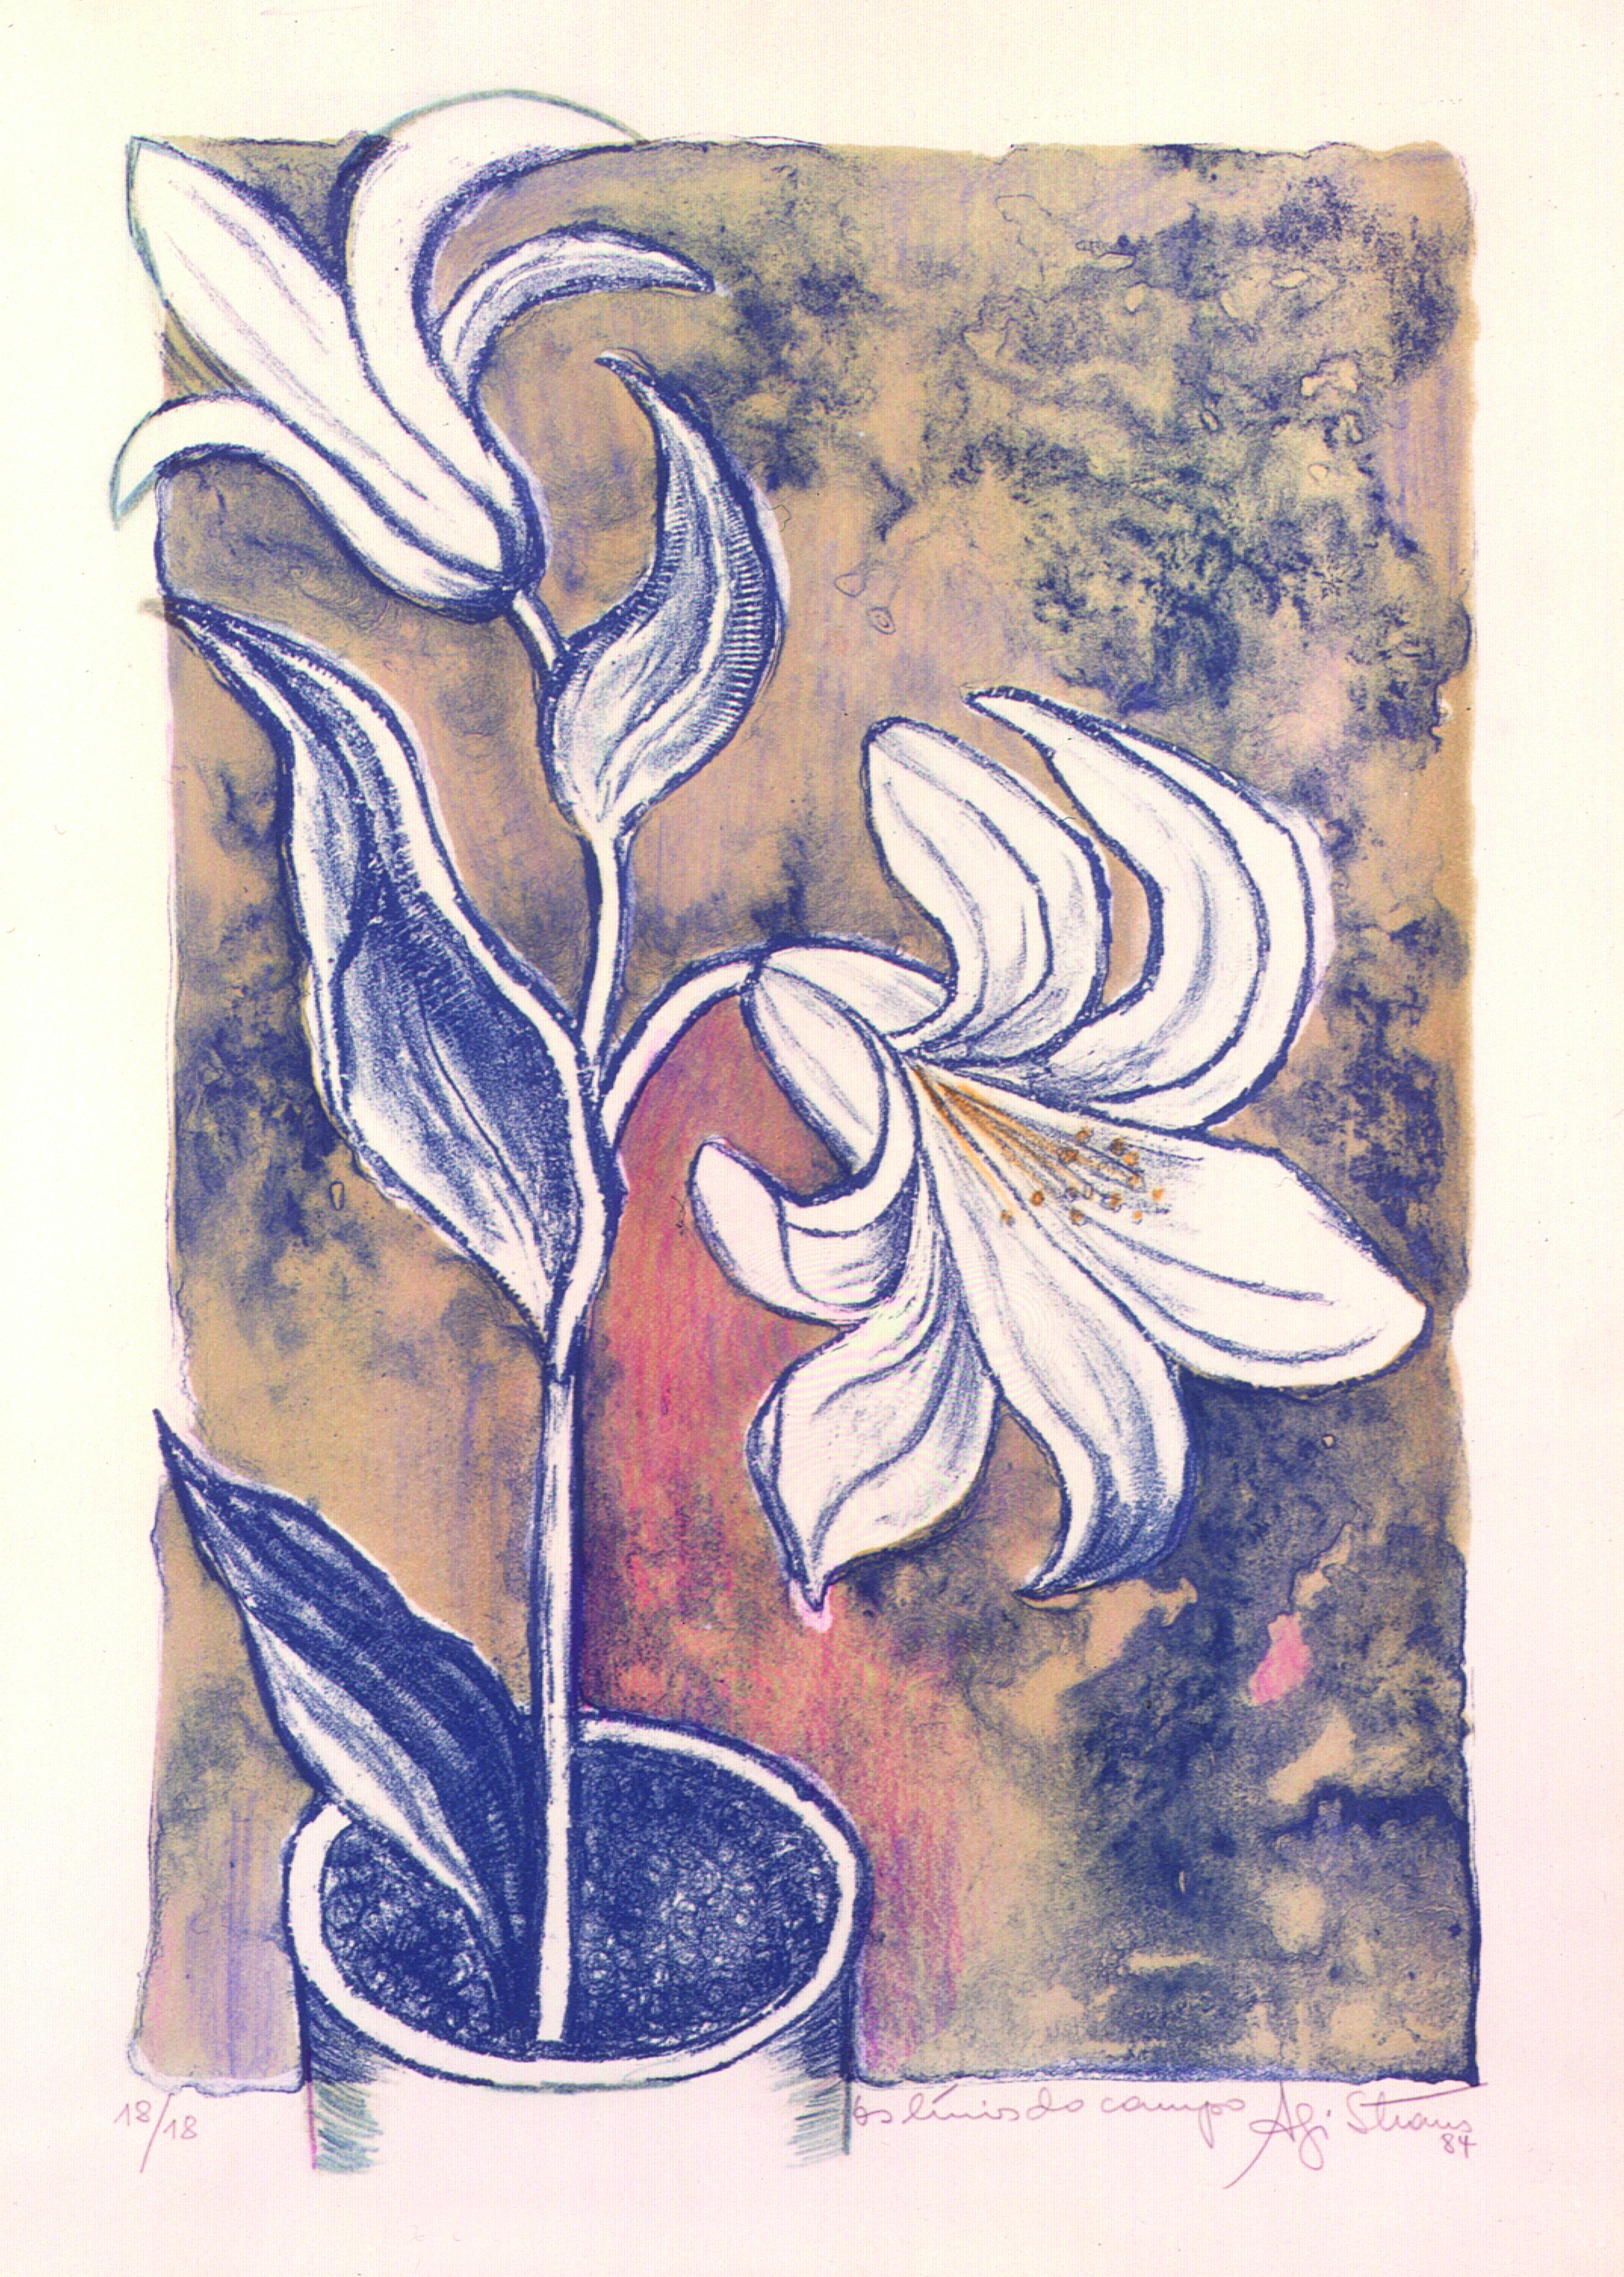 Os Lírios do Campo Autor:Agathe Straus Ano: 1984 Técnica: Calcografia. Ponta-seca (18/18) Dimensões: 42cm x 28cm